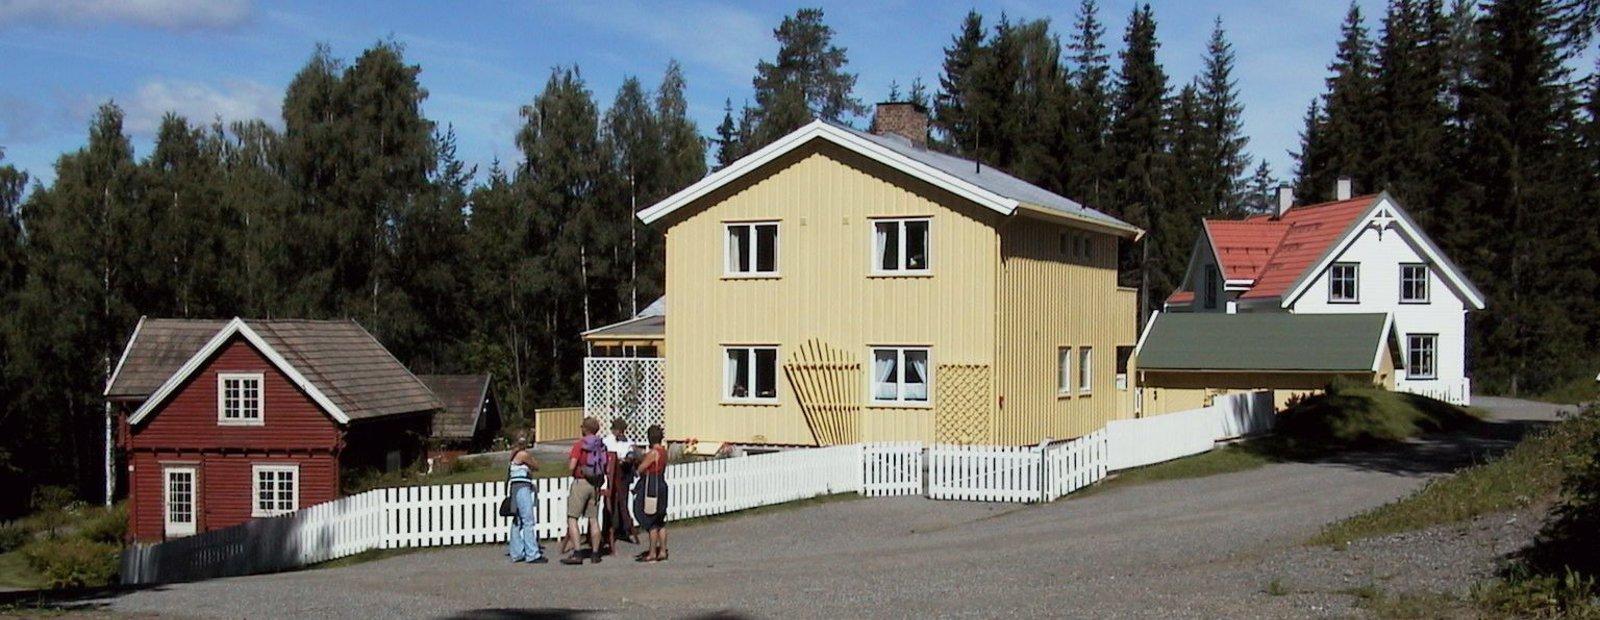 Eneboliger som representerer hver sin tidsepoke i Boligfeltet på Maihaugen på Lillehammer